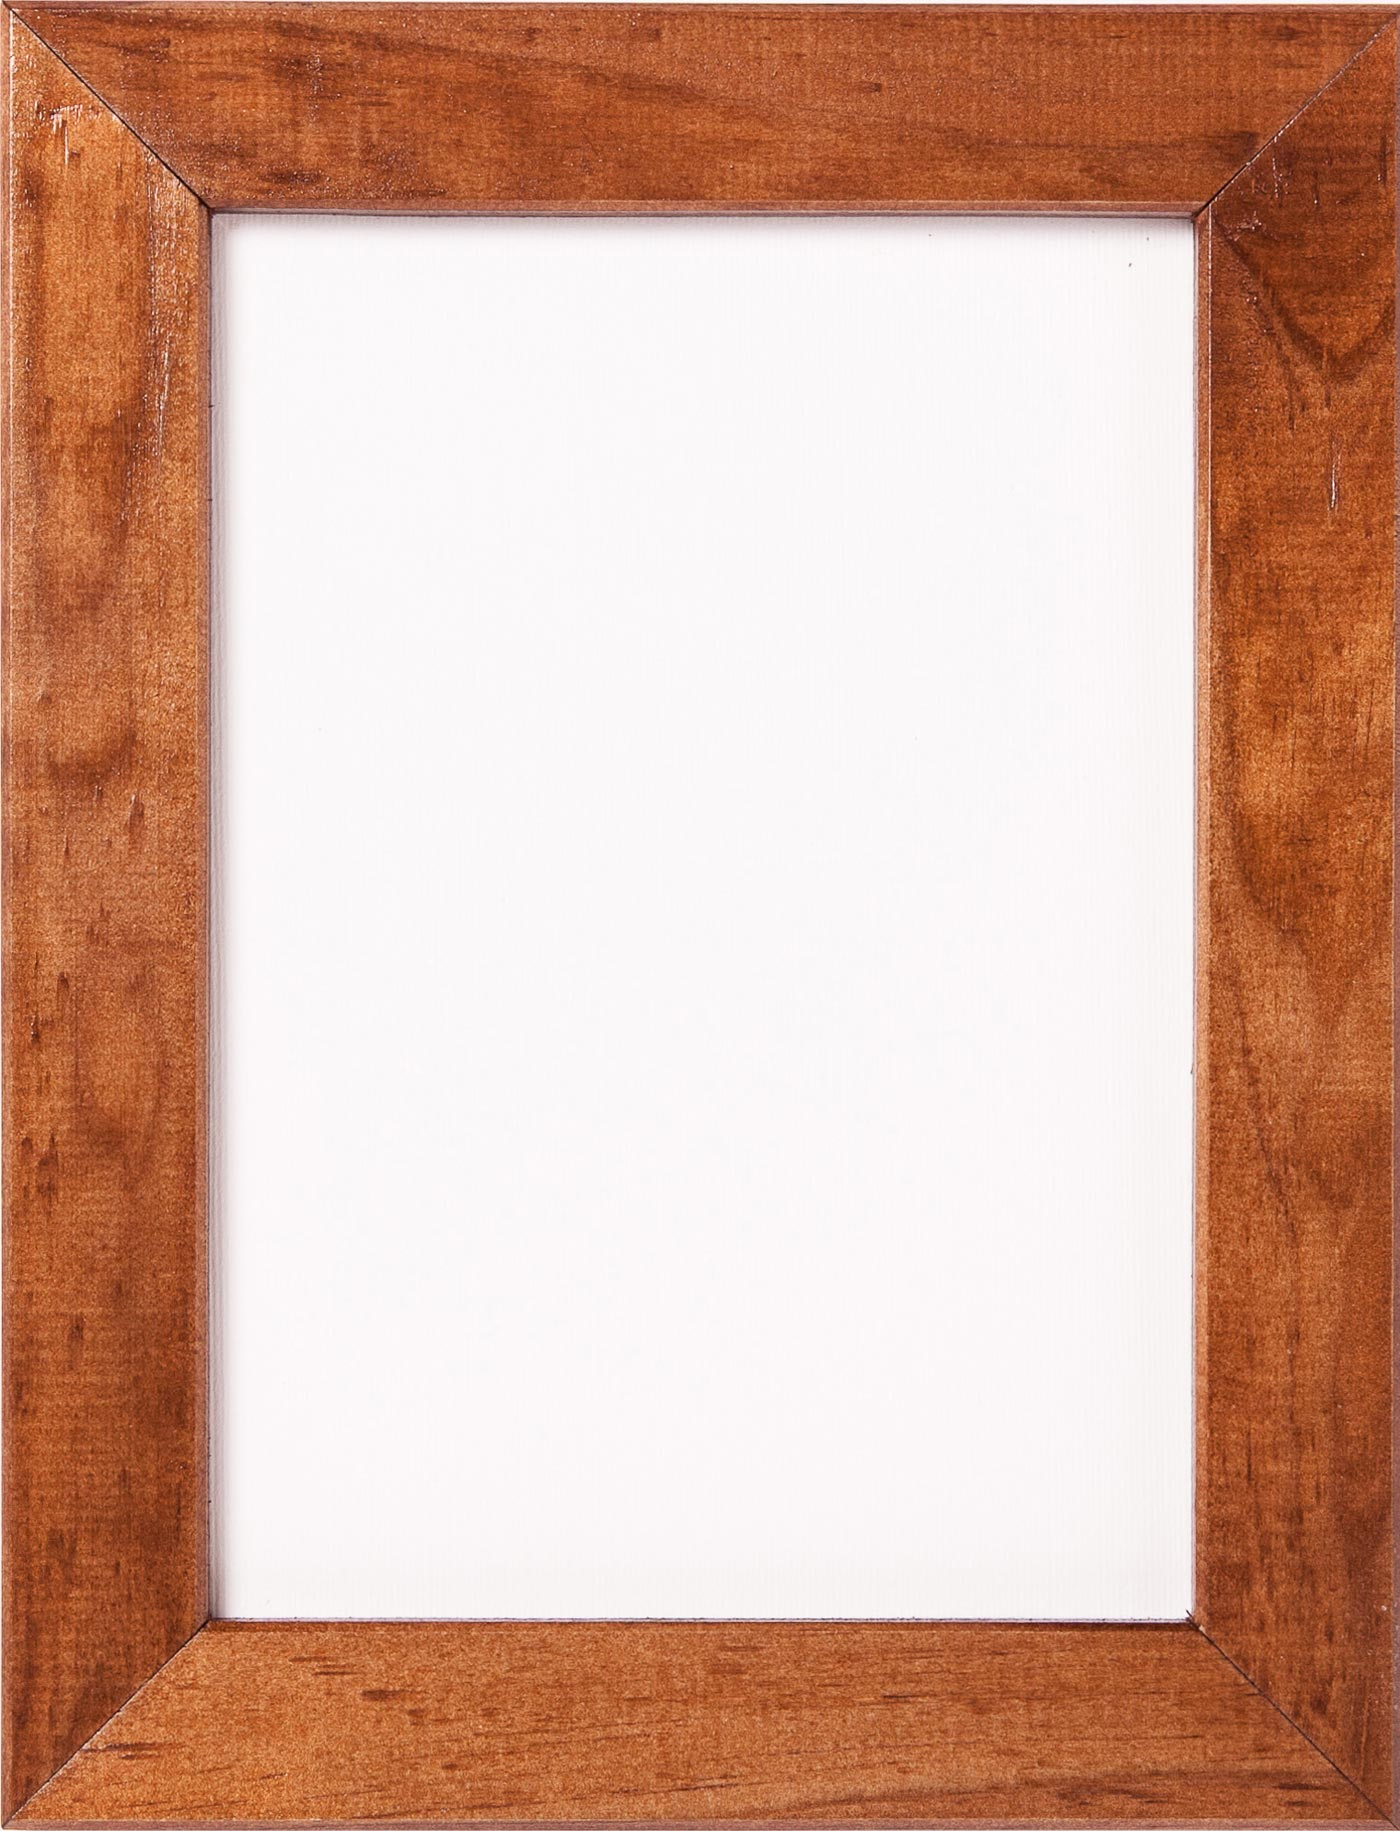 Los marcos de Hofmann son perfectos para todo tipo de fotos y gustos. Disponemos de marcos de diferentes tamaños, de estilo moderno, divertido, elegante. Buscar ¡Empezar! Marco de madera, Colección Trendy Color madera natural Tamaño de foto: 9x13 cm. Es un colgador, ideal para colgar de los pomos de las puertas. Más.